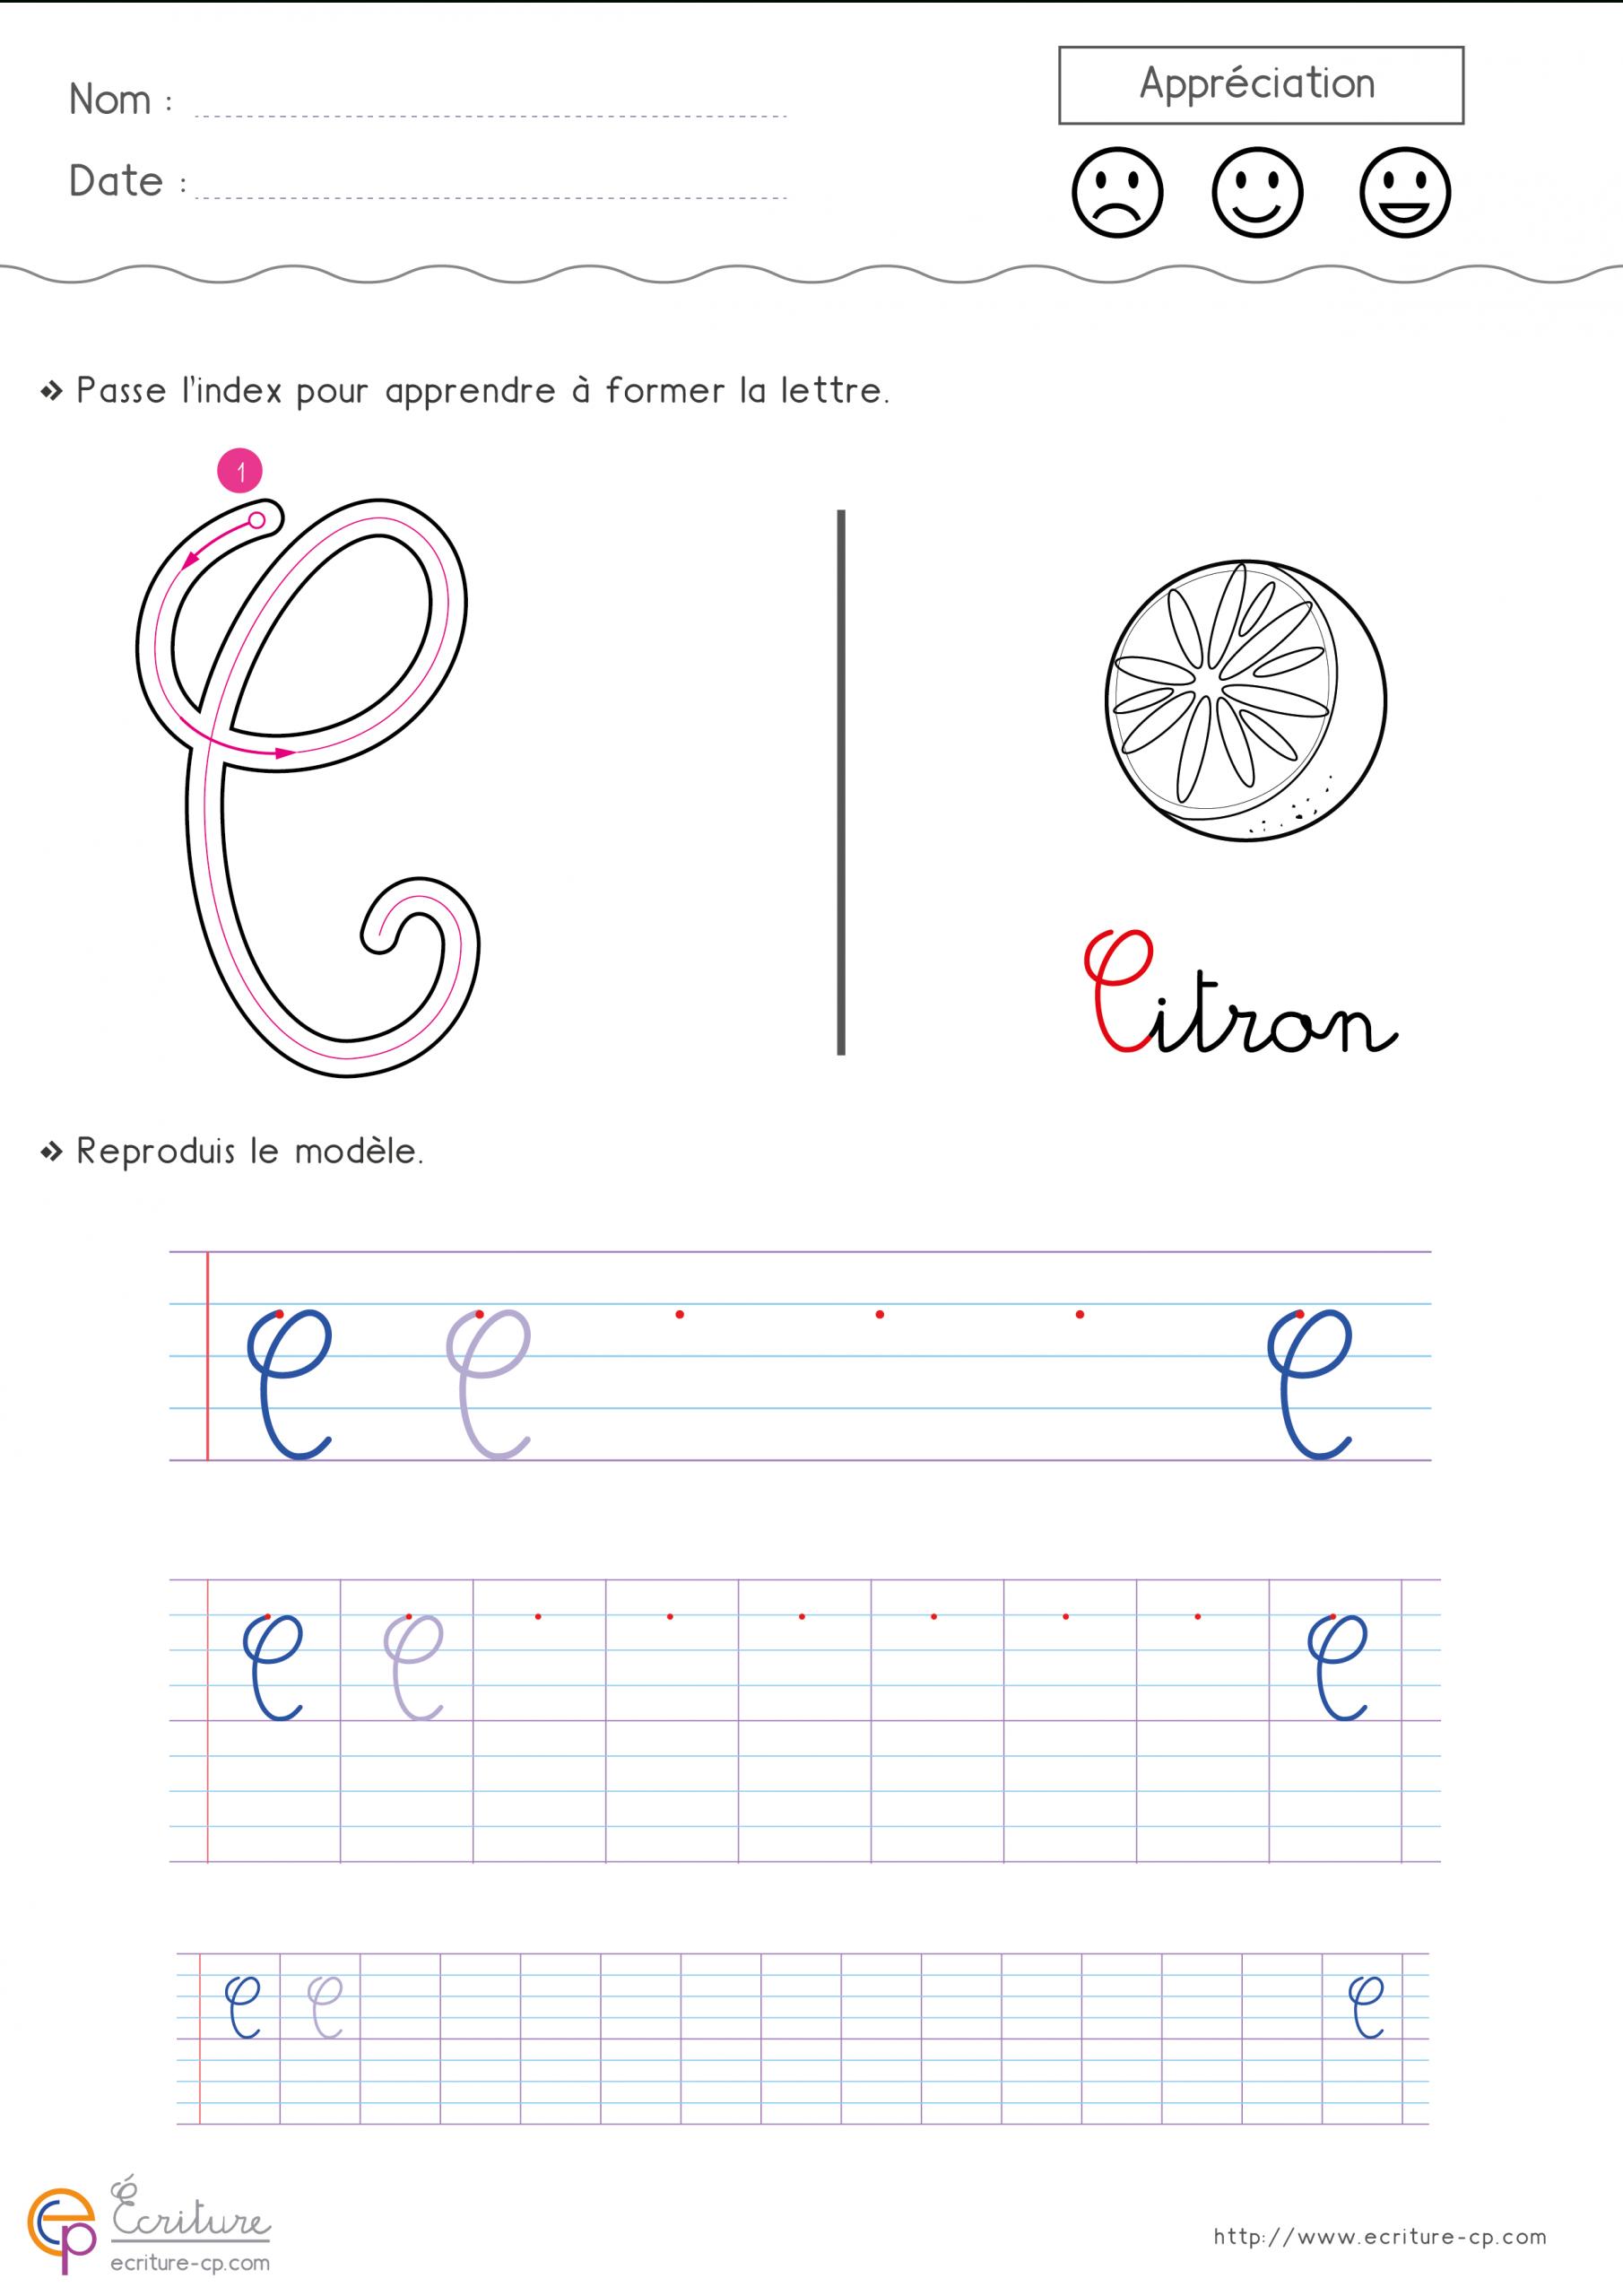 Écrire L'alphabet Majuscule Cursive Cp Ce1 | Fiche D serapportantà Apprendre A Ecrire Les Lettres En Majuscule